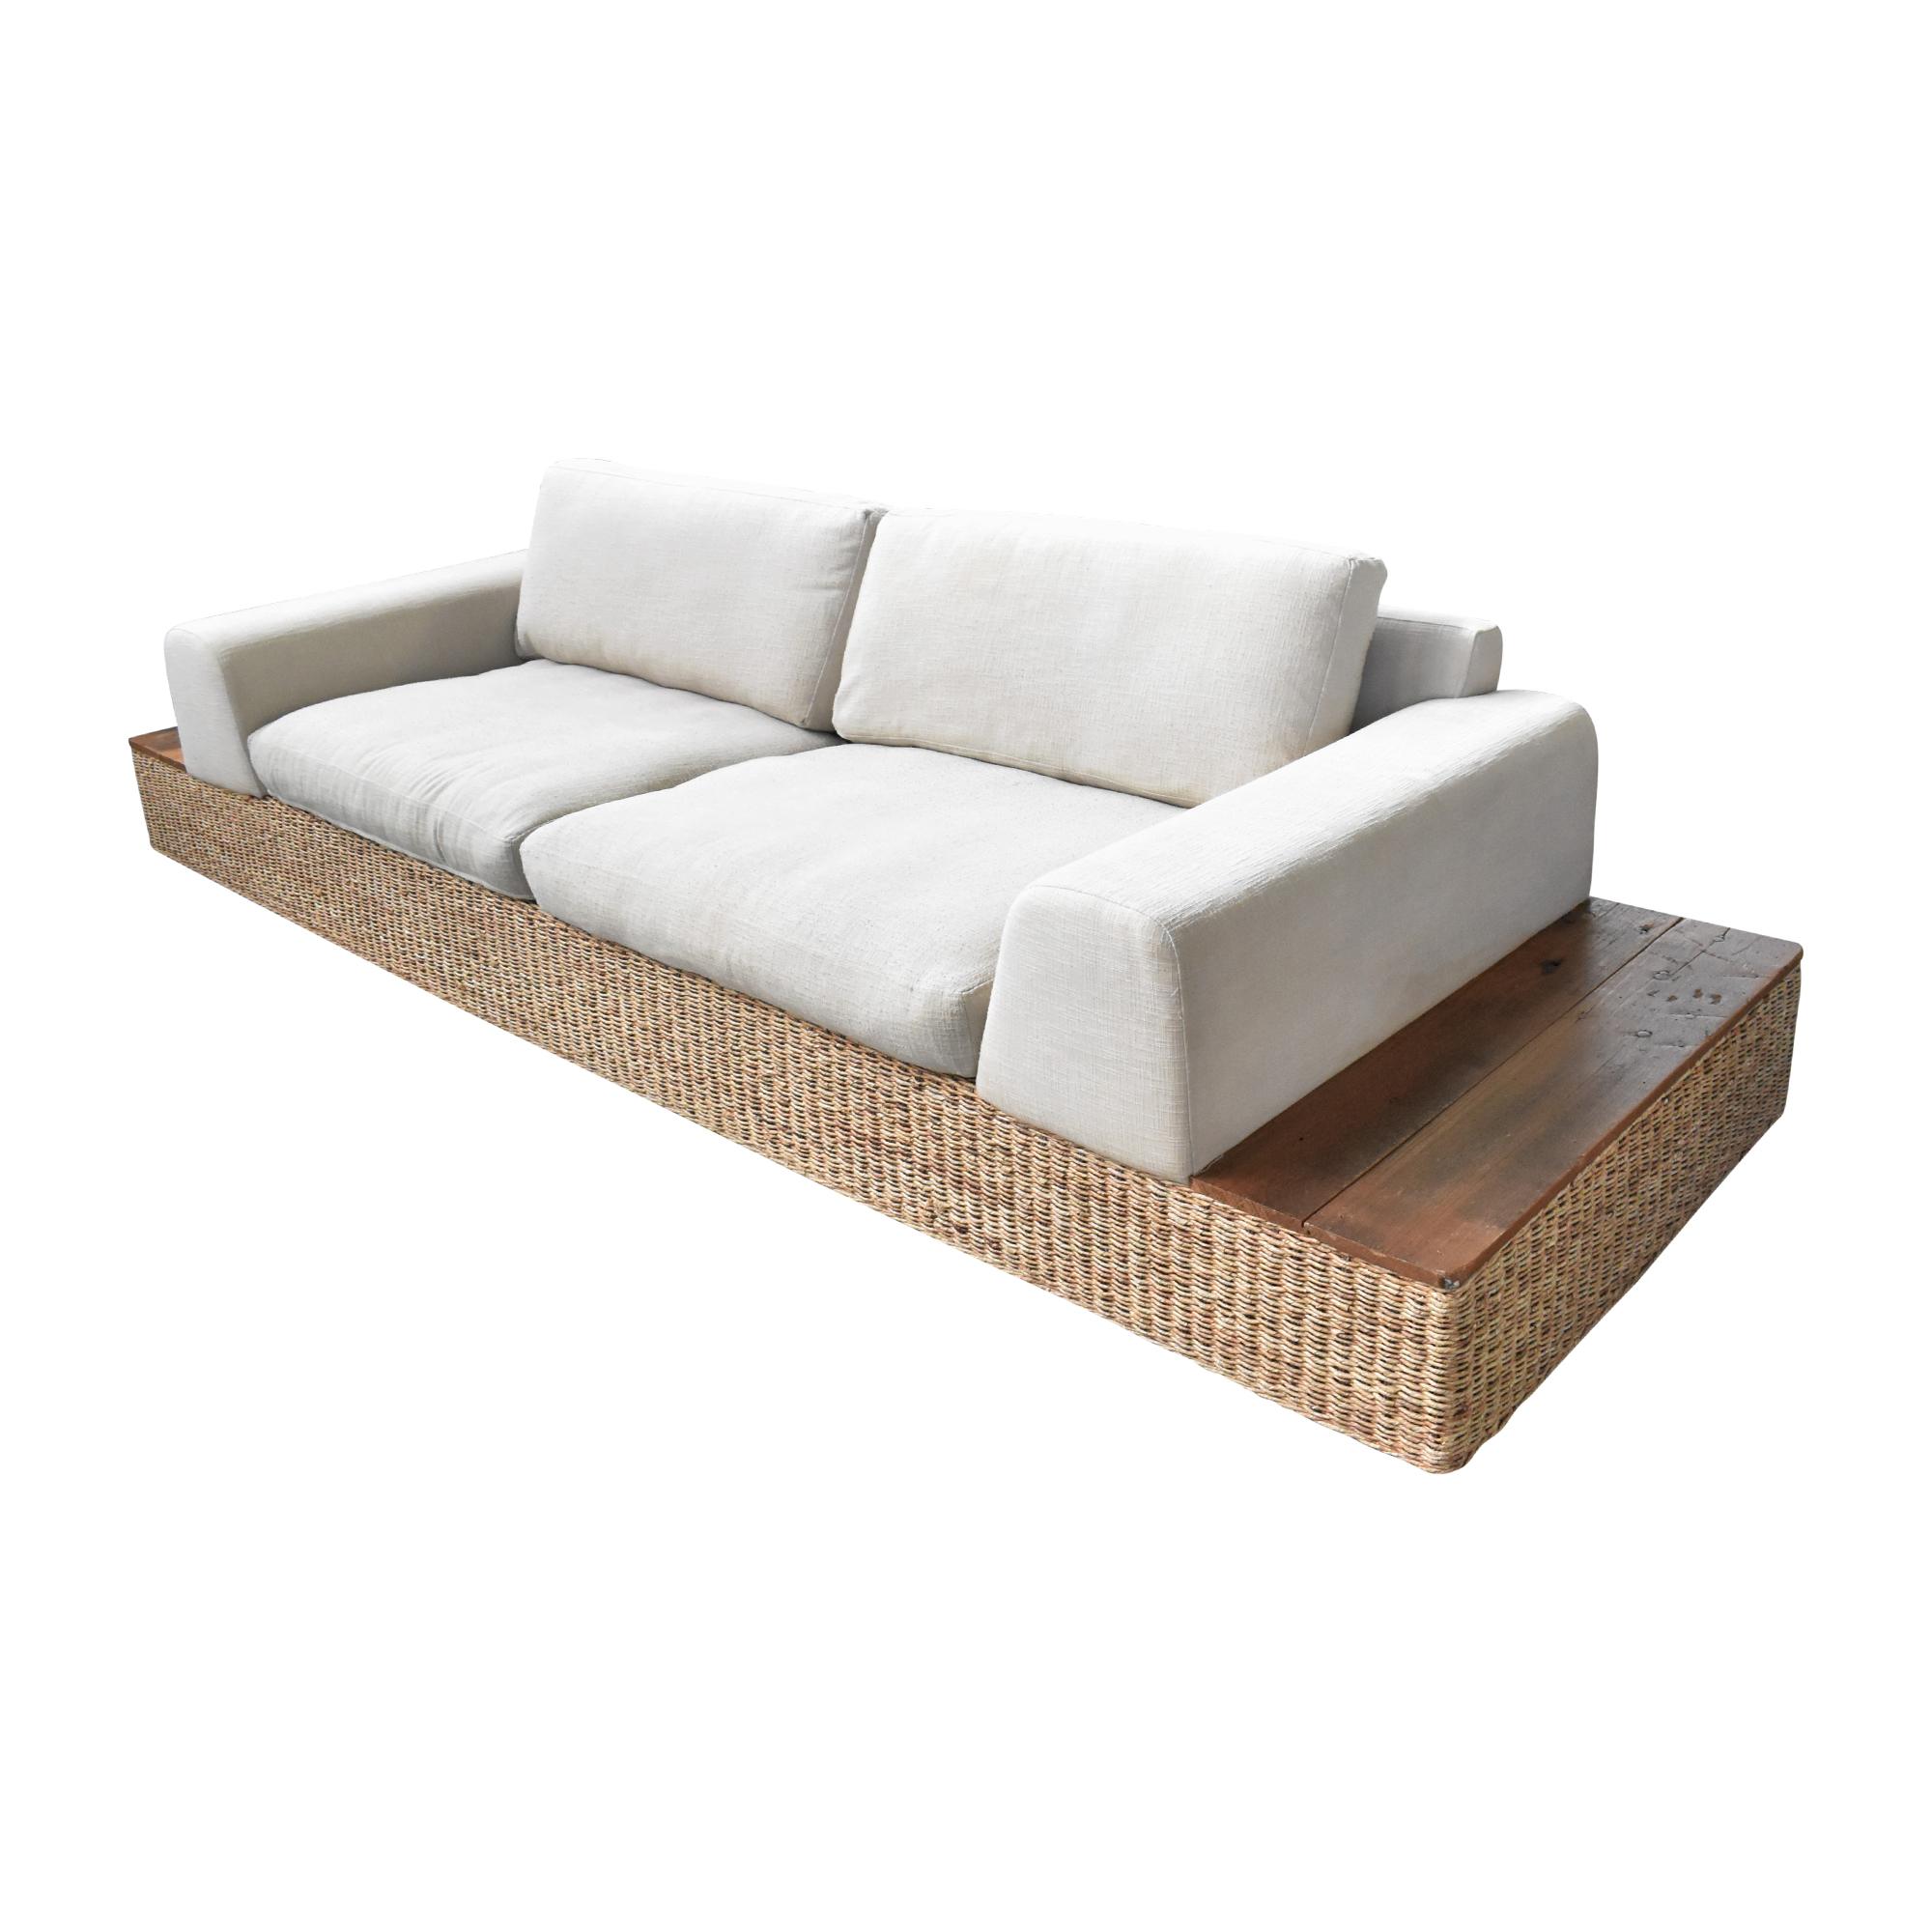 Crate & Barrel Crate & Barrel Hybrid Sofa Sofas